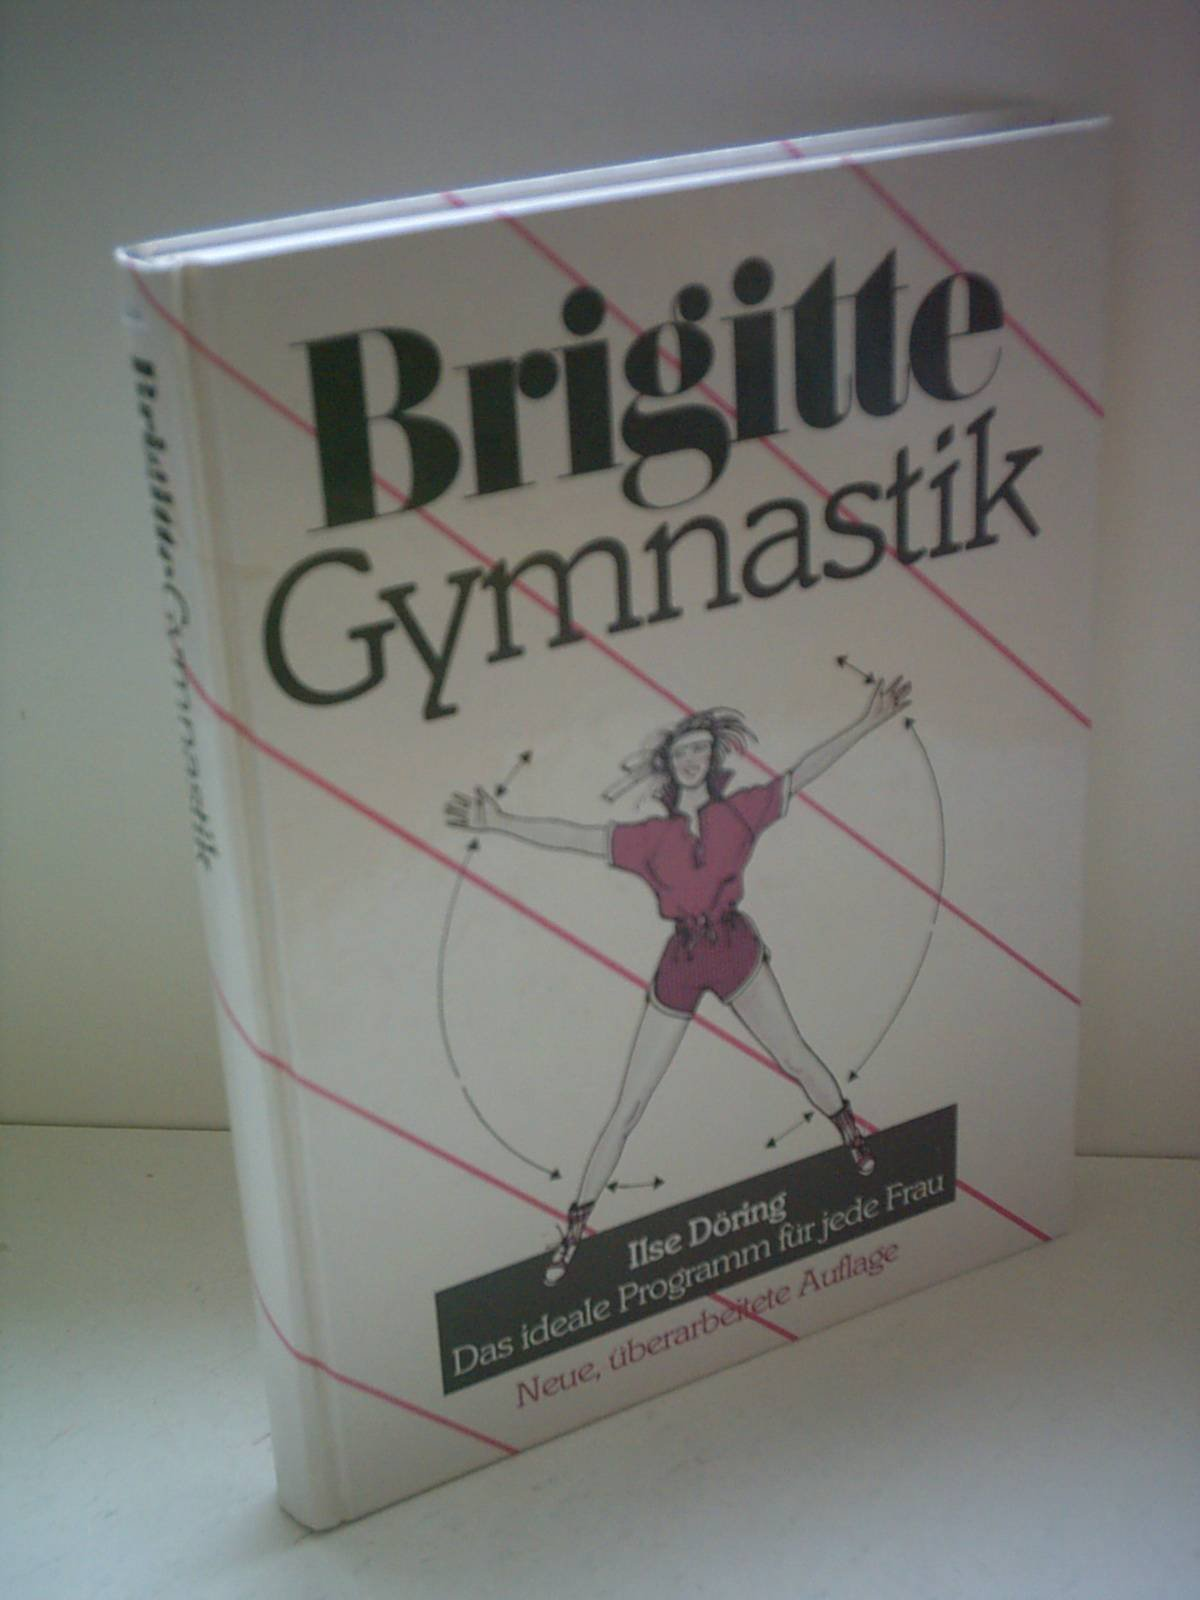 Gymnastik: Das ideale Programm für jede Frau (Brigitte Bücher)